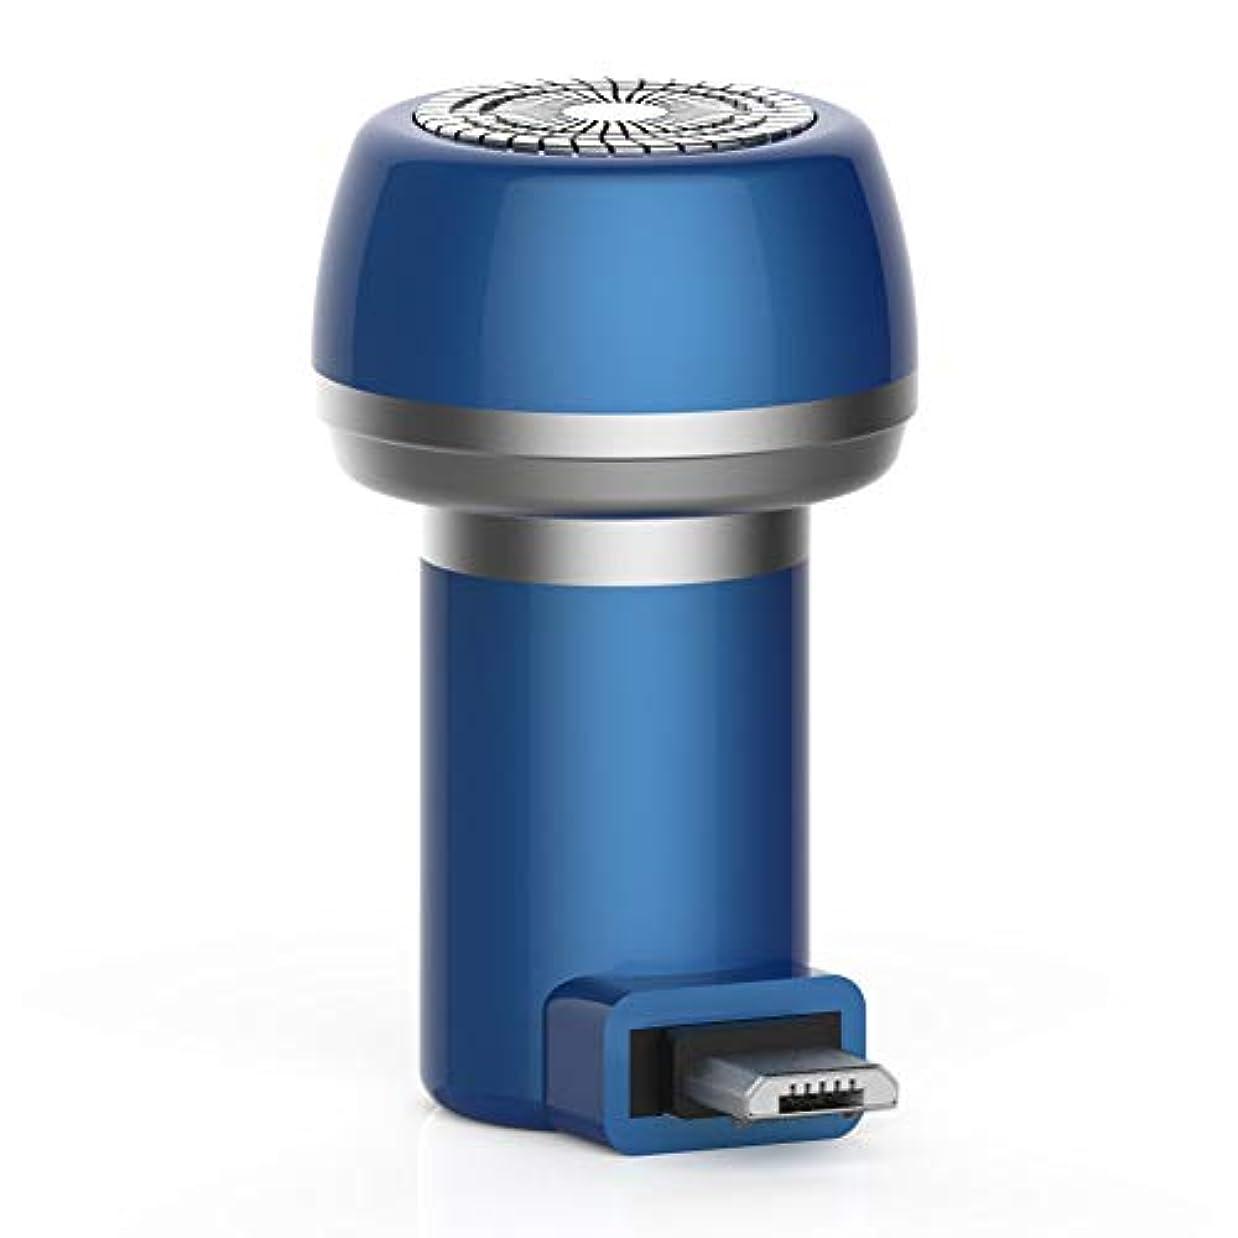 終了しました苦しめる冬Beaurtty 2 1磁気電気シェーバーミニポータブルType-C USB防水剃刀